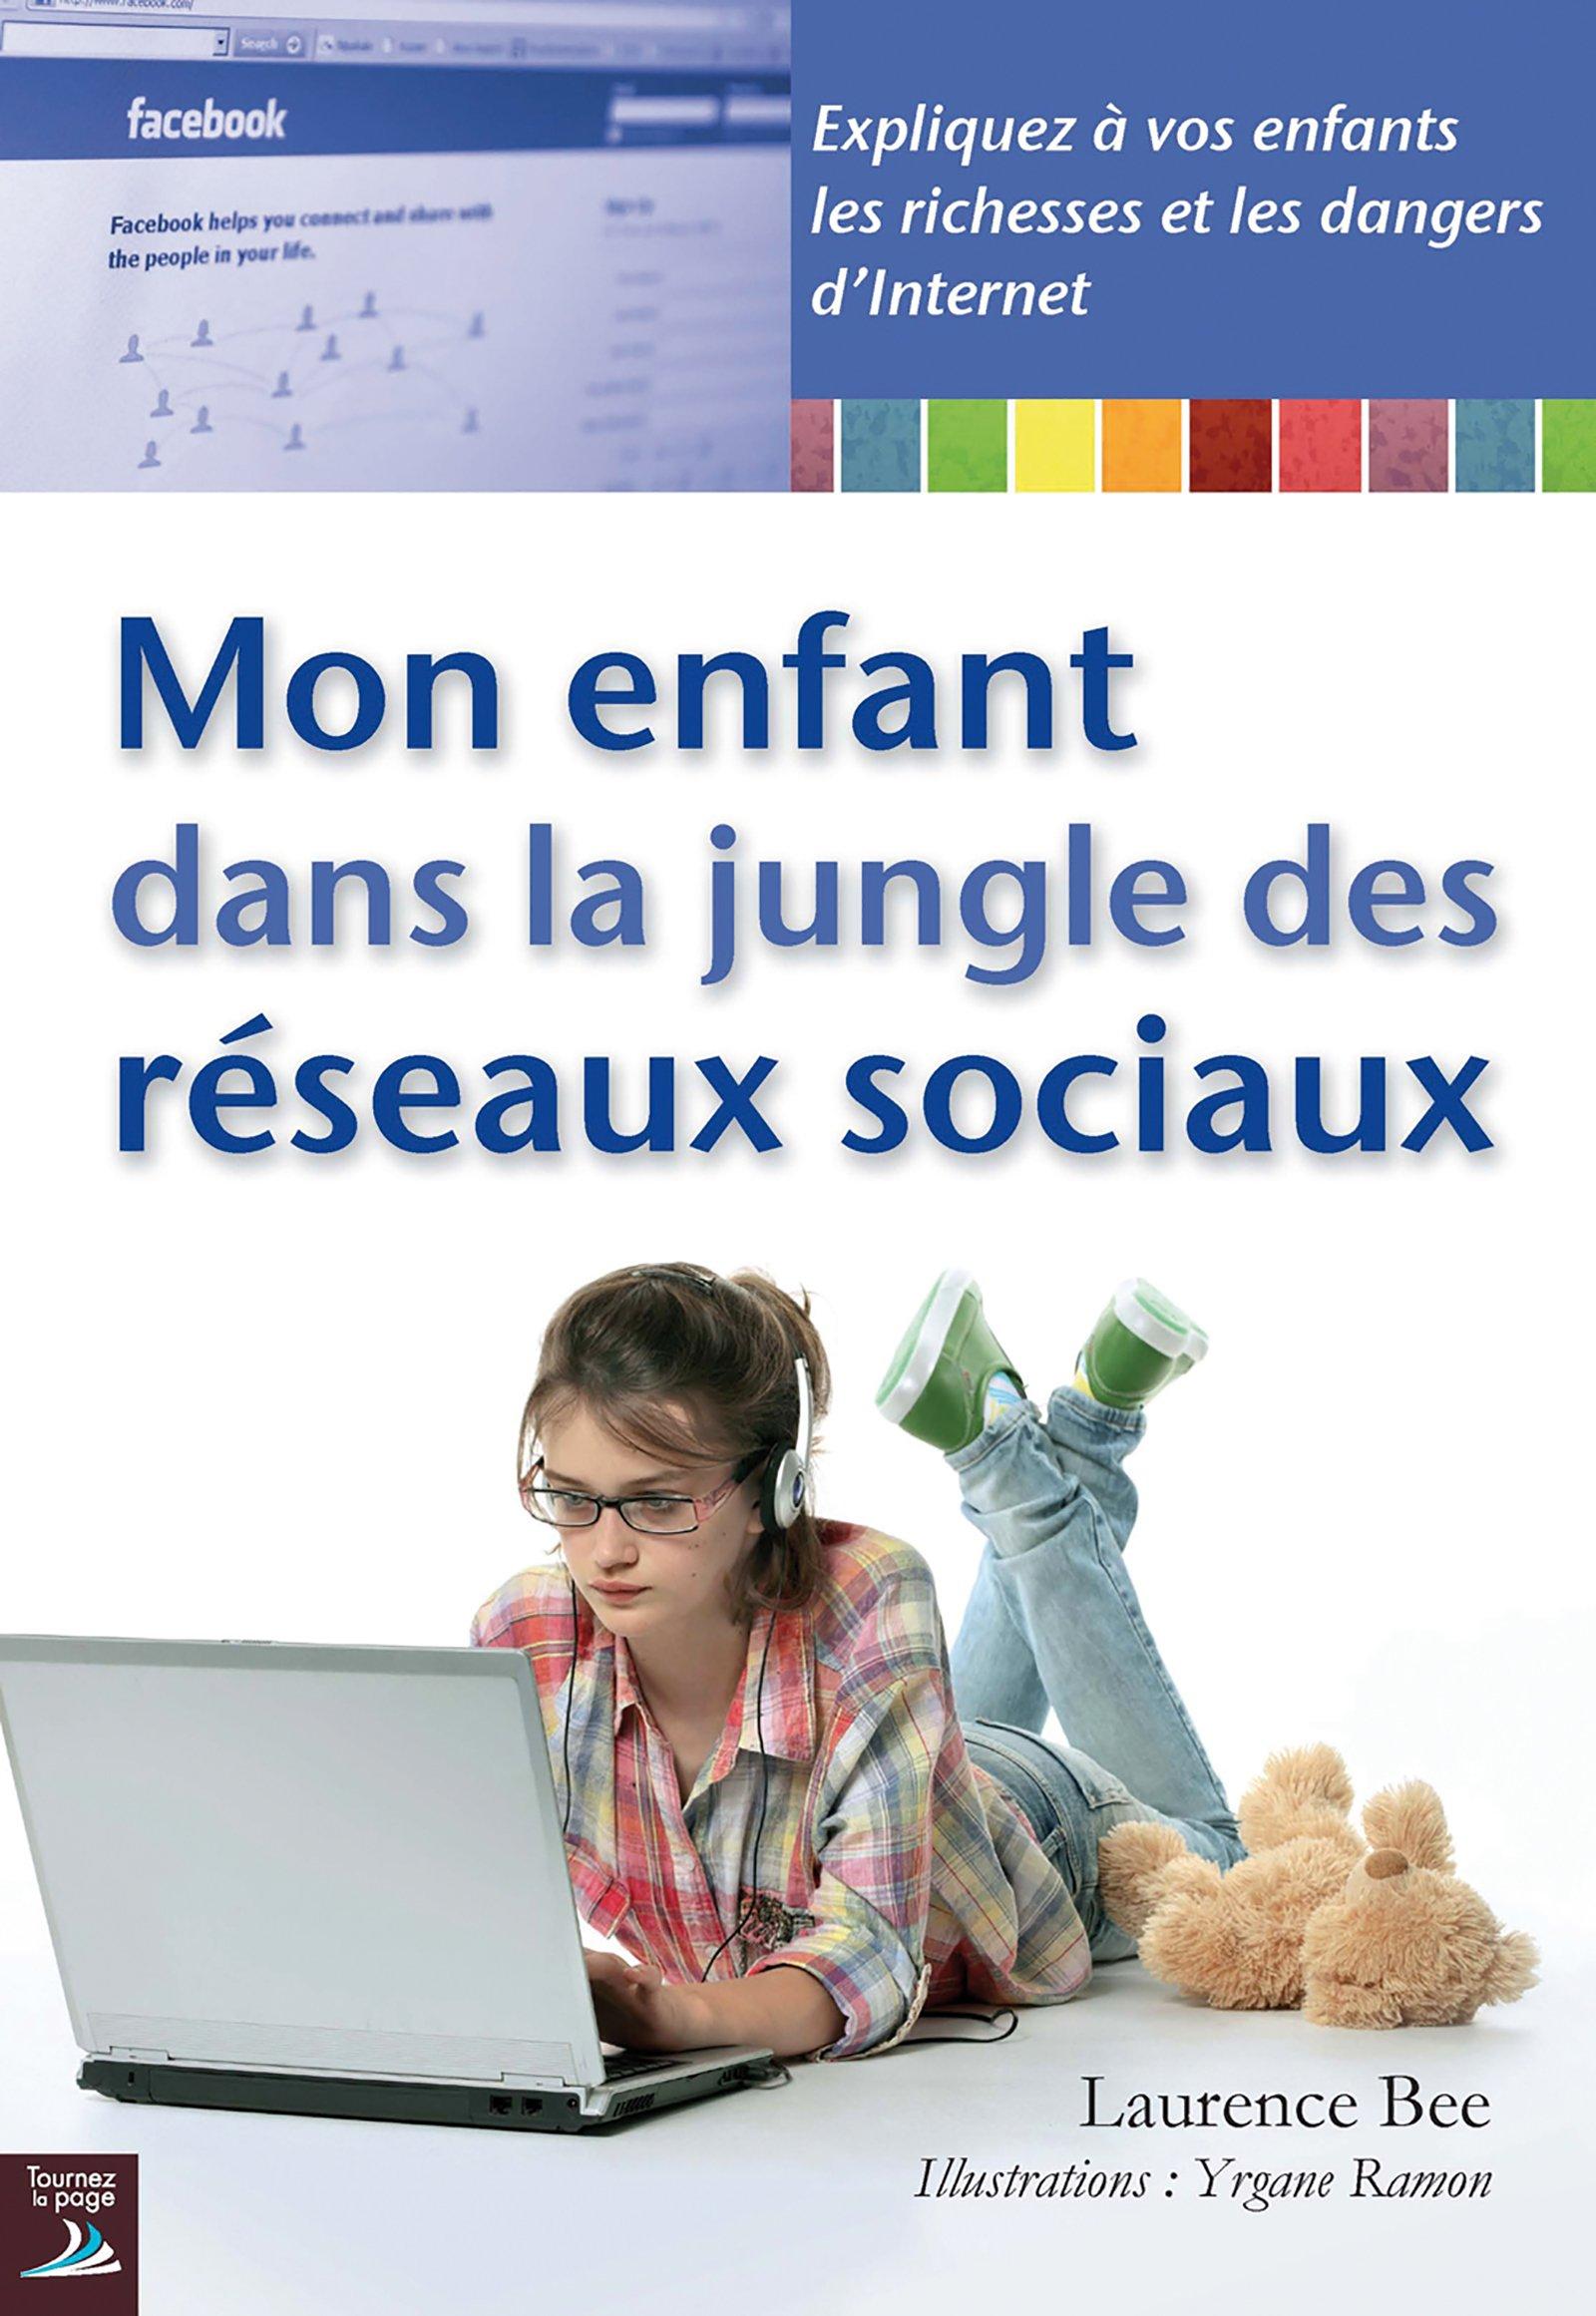 Mon enfant dans la jungle des réseaux sociaux: Expliquez à vos enfants les richesses et dangers d'Internet (Femmes Actives) por Laurence Bee